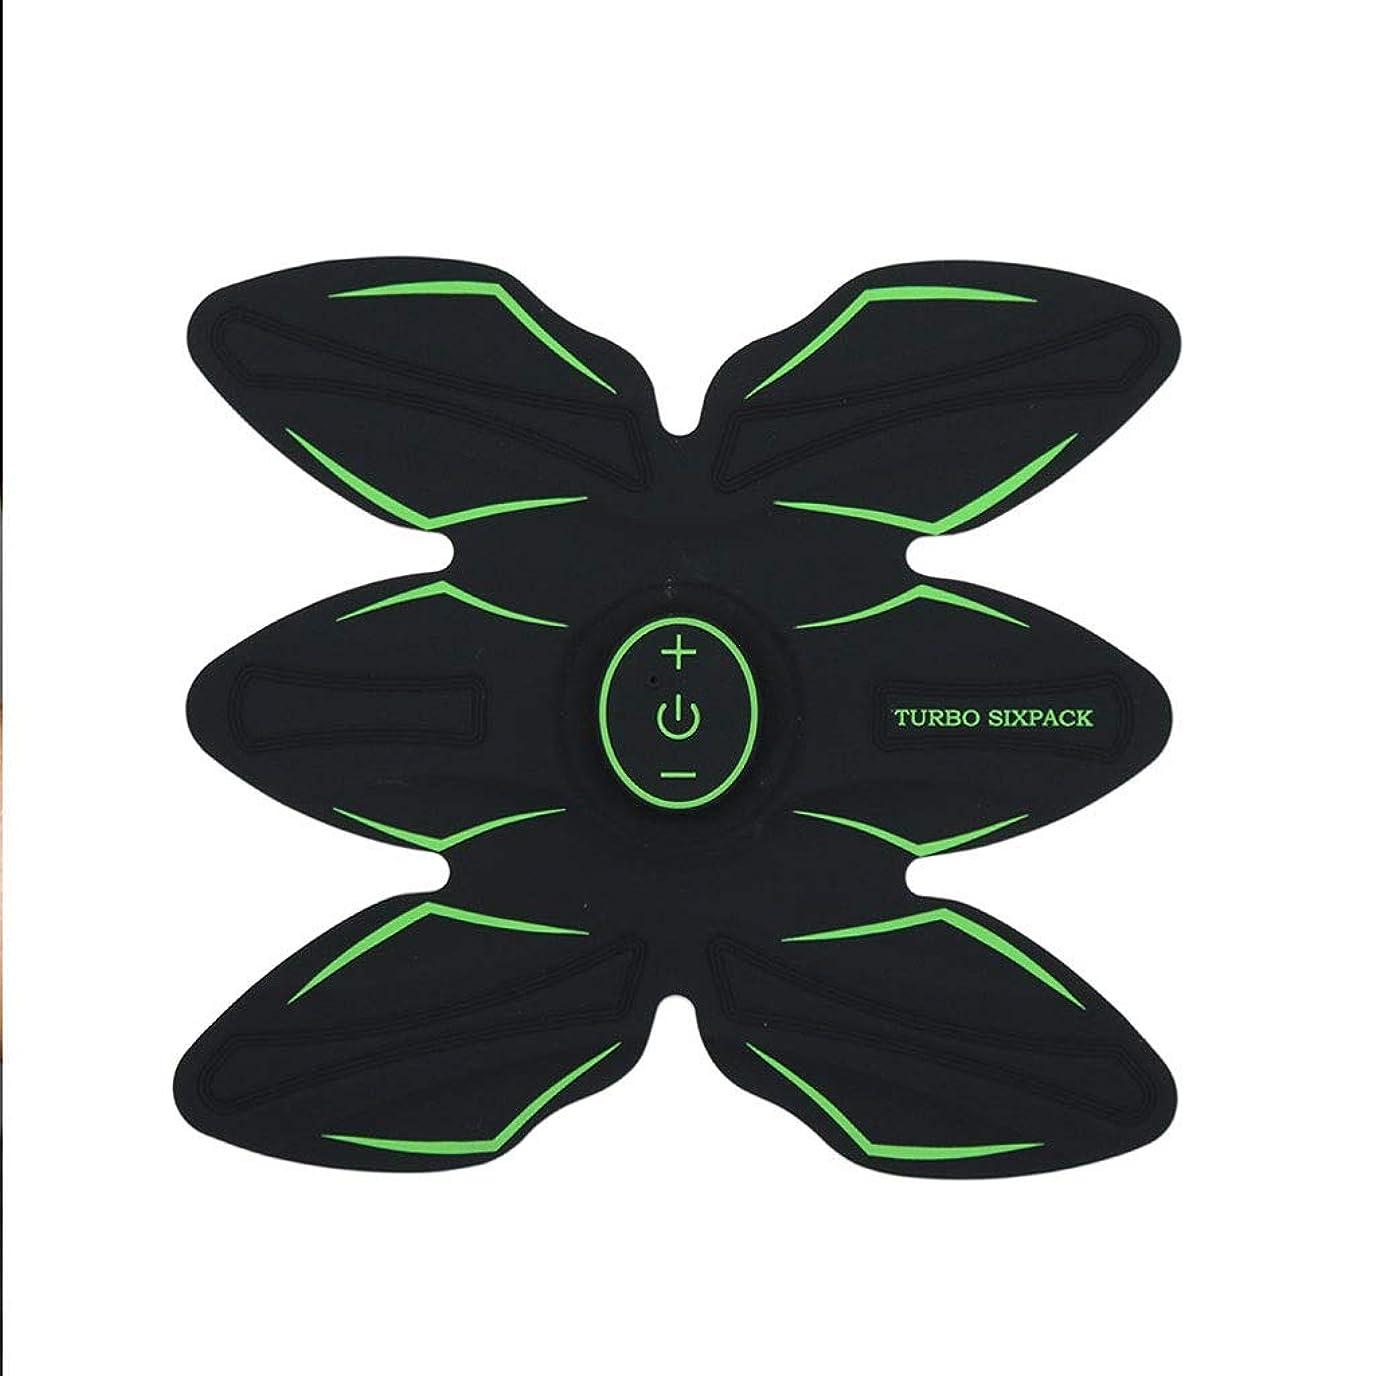 端フランクワースリー近所のABSトレーナーEMS腹部電気筋肉刺激装置筋肉トナー調色ベルトフィットネスギアABSエクササイズマシンウエストトレーナーホームワークアウトフィットネス機器